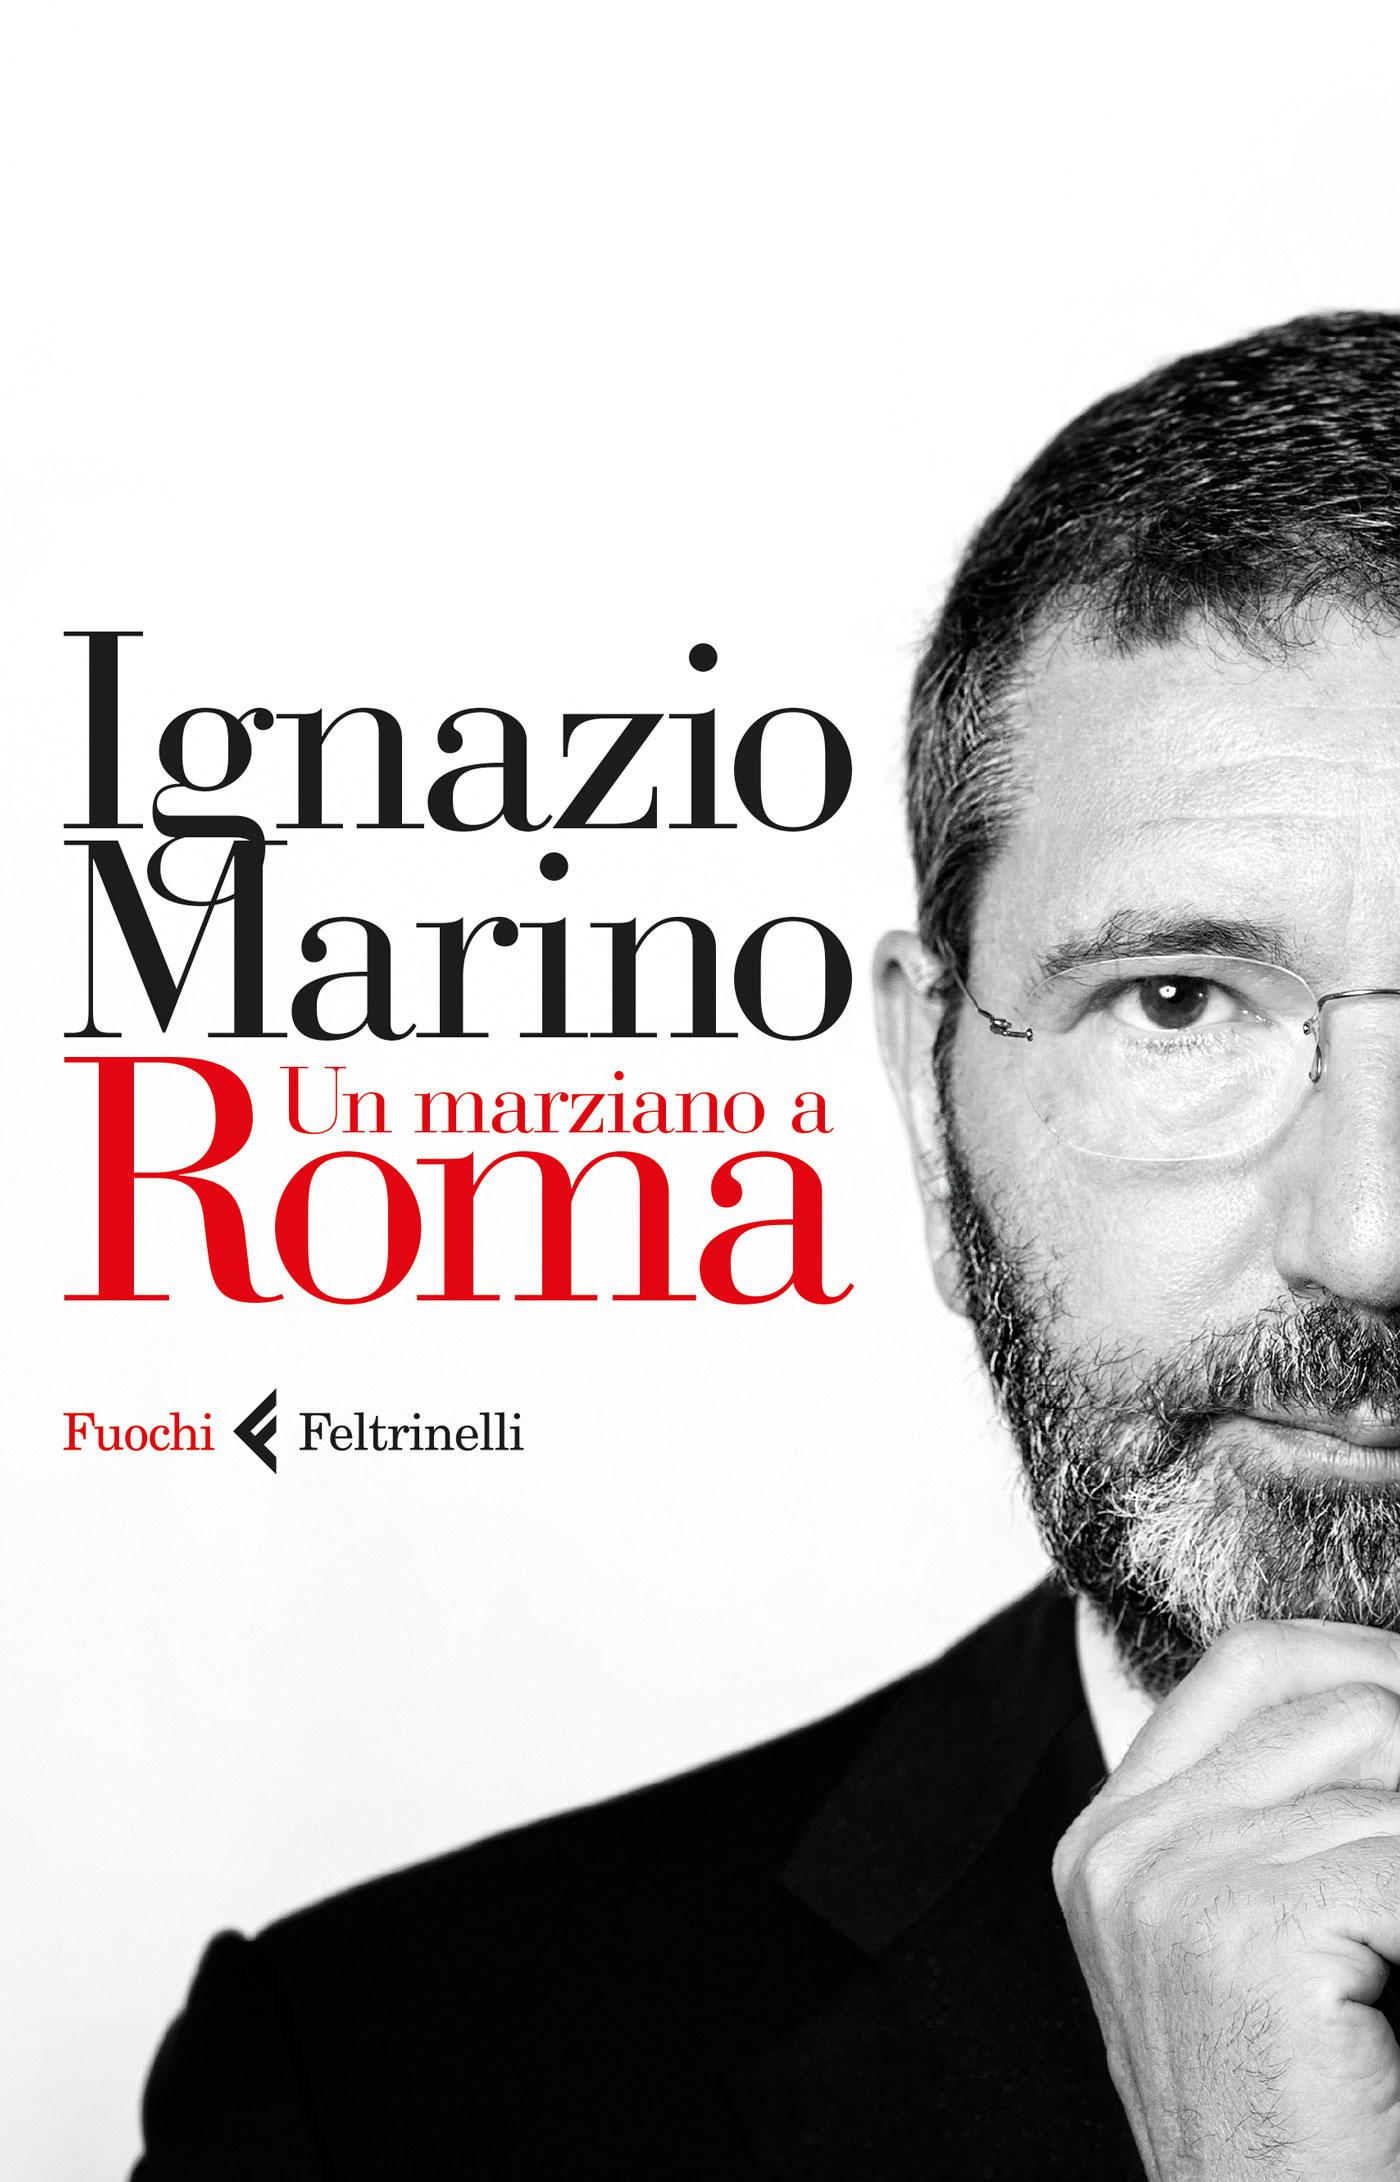 Ignazio Marino - Un marziano a Roma - Libro Feltrinelli ...